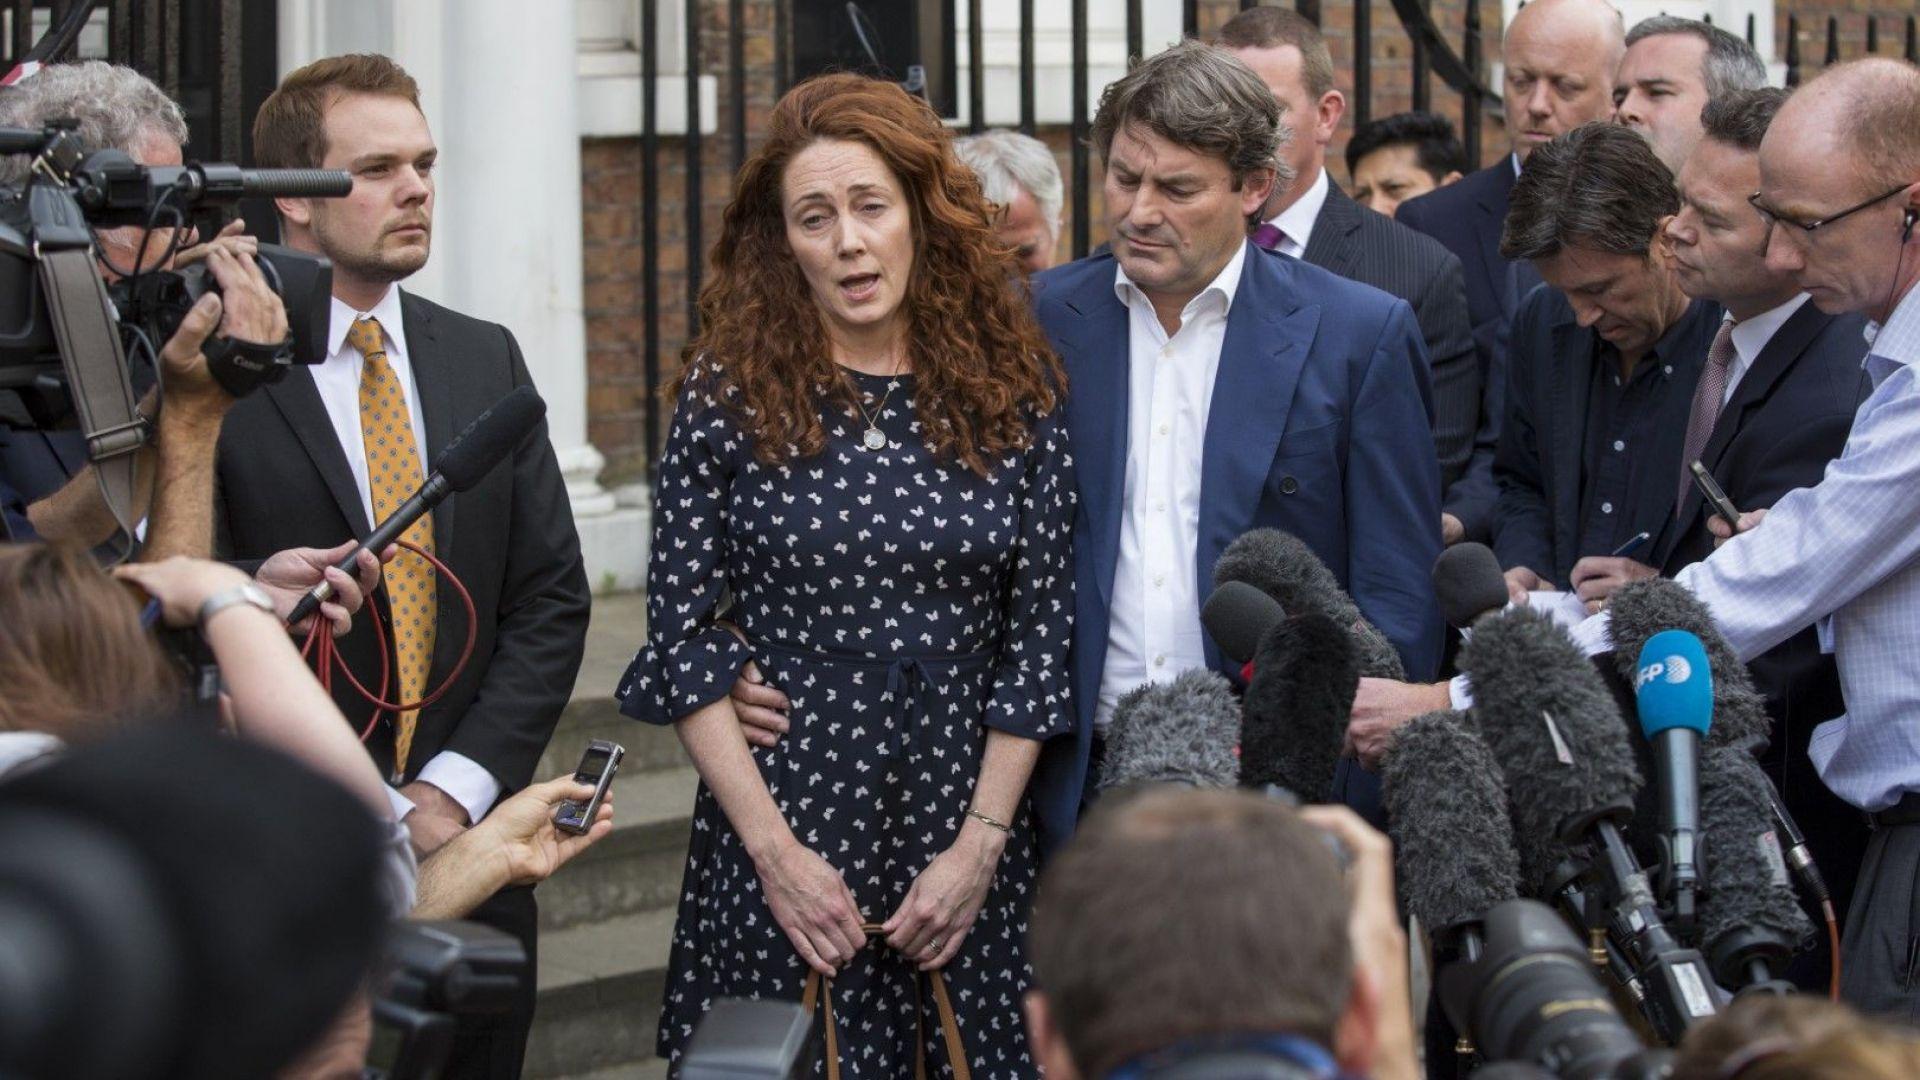 Бившият изпълнителен директор на News International Ребека Брукс и съпругът й Чарли Брукс дават изявление пред дома си на 26 юни 2014 г. в Лондон